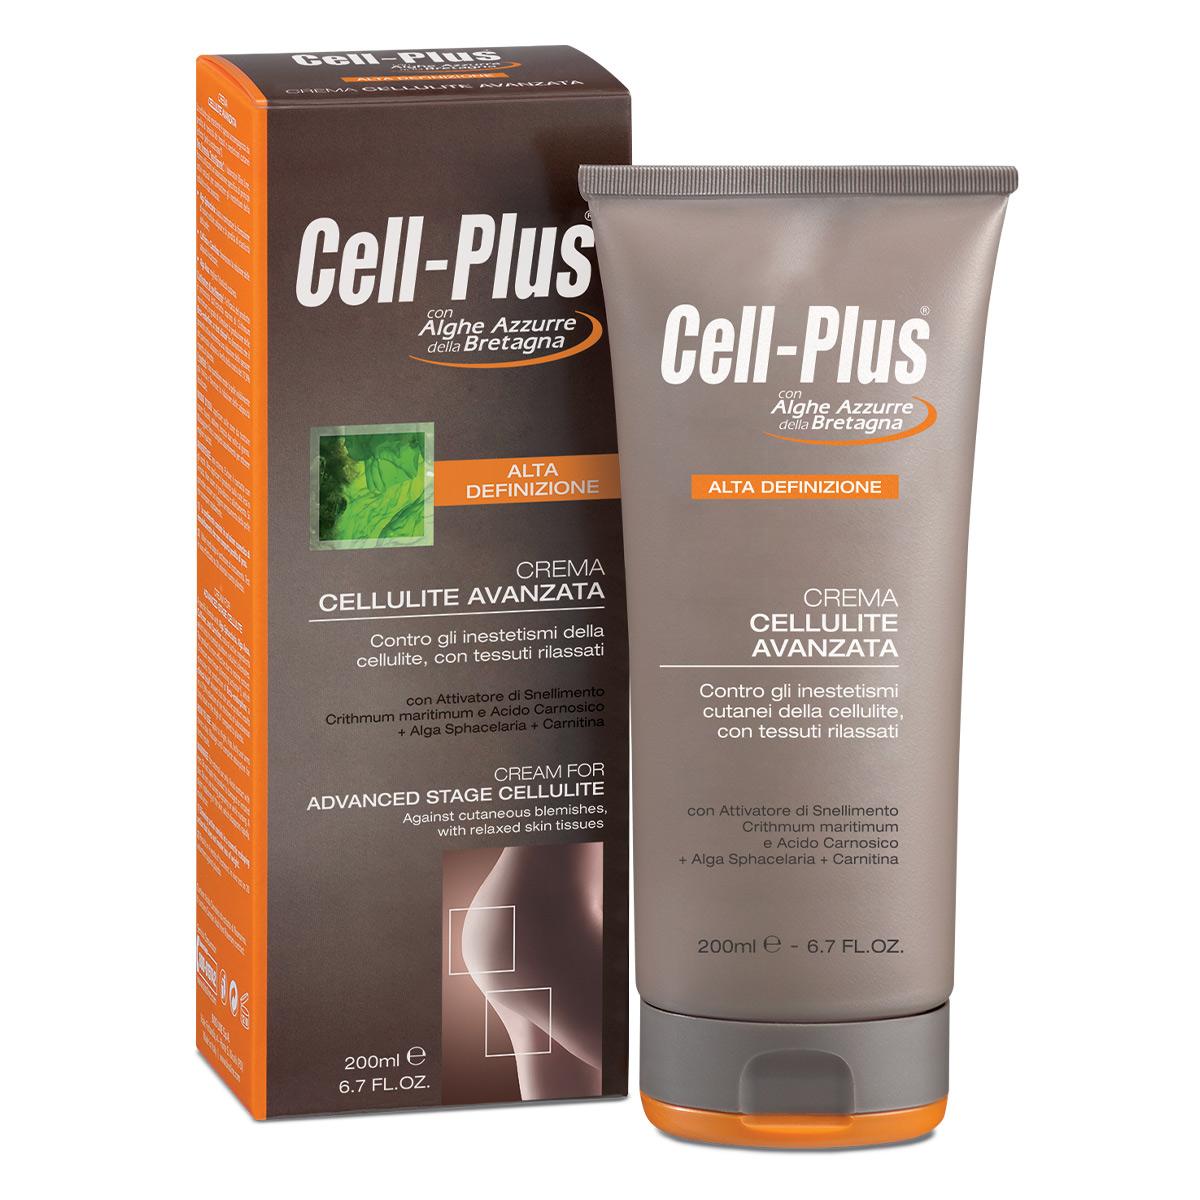 Cell-Plus Crema Cellulite* Avanzata